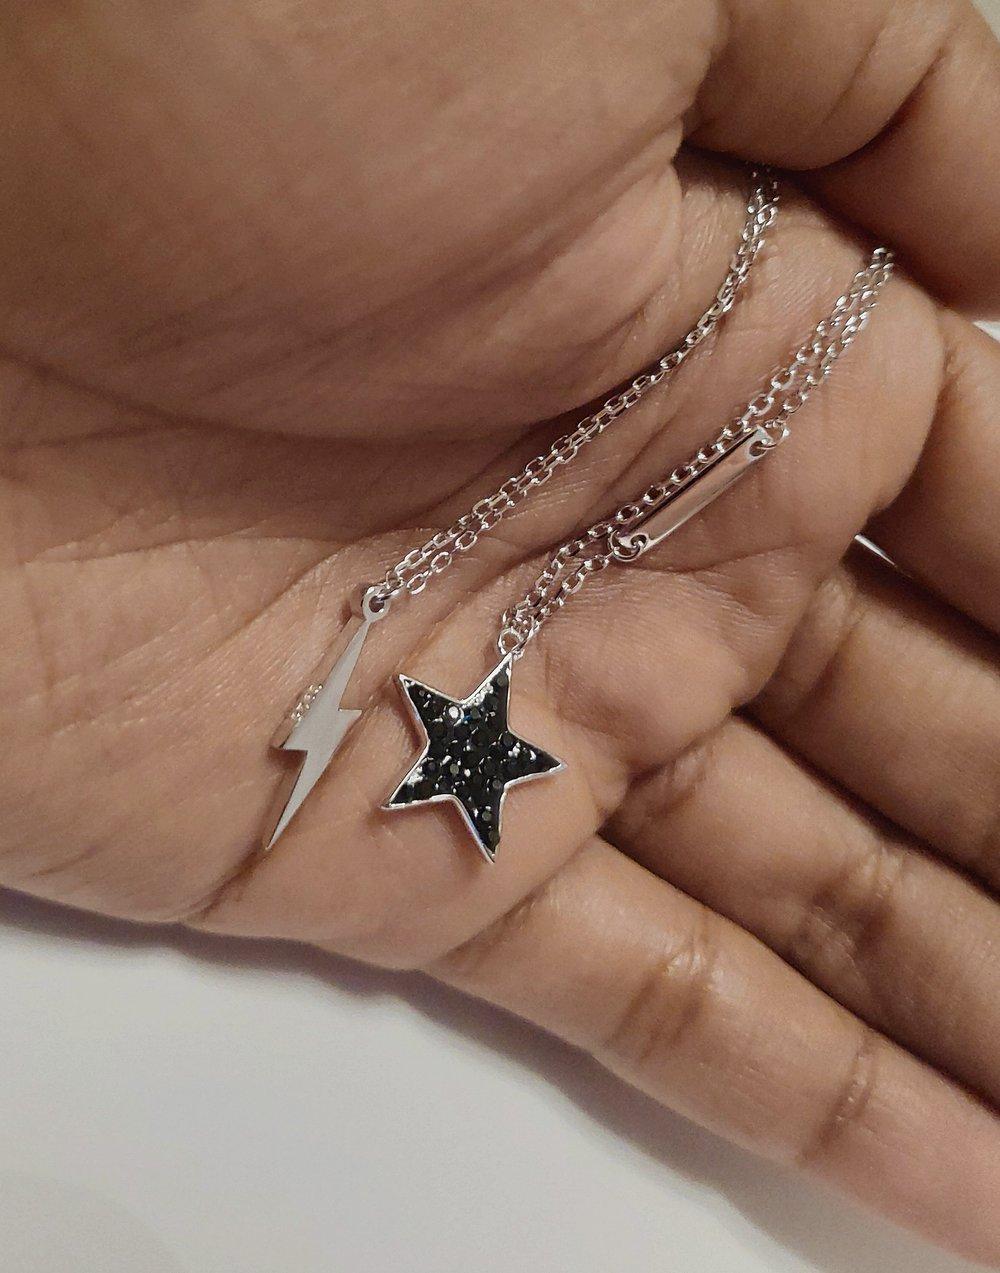 Blackstar Pendant Design Necklace (925 Sterling Silver)